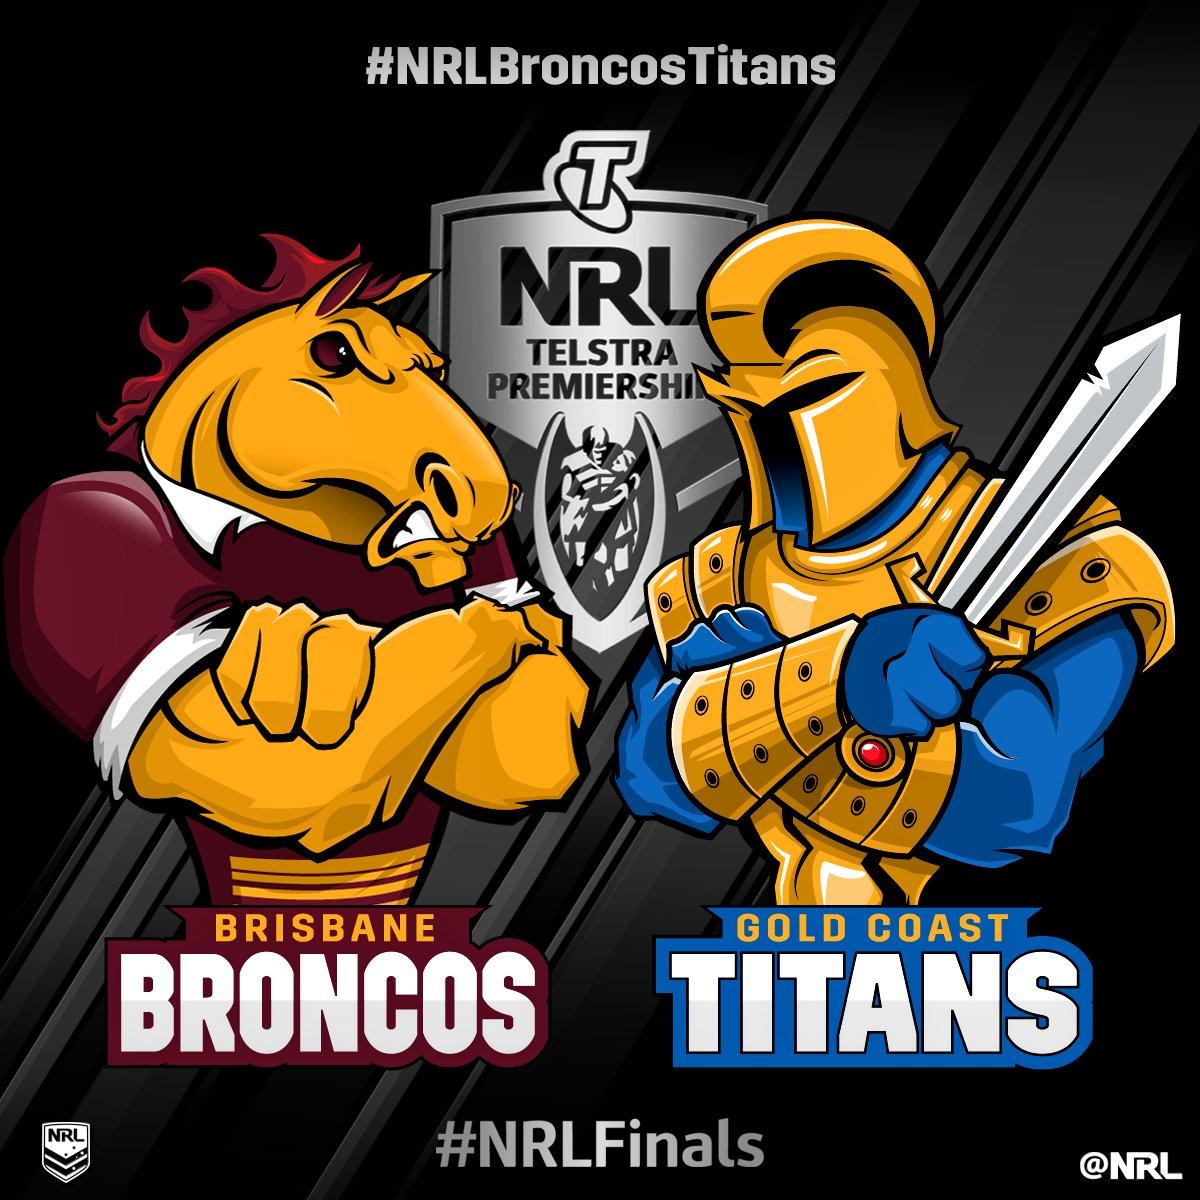 3e4312e2 Brisbane Broncos on Twitter: